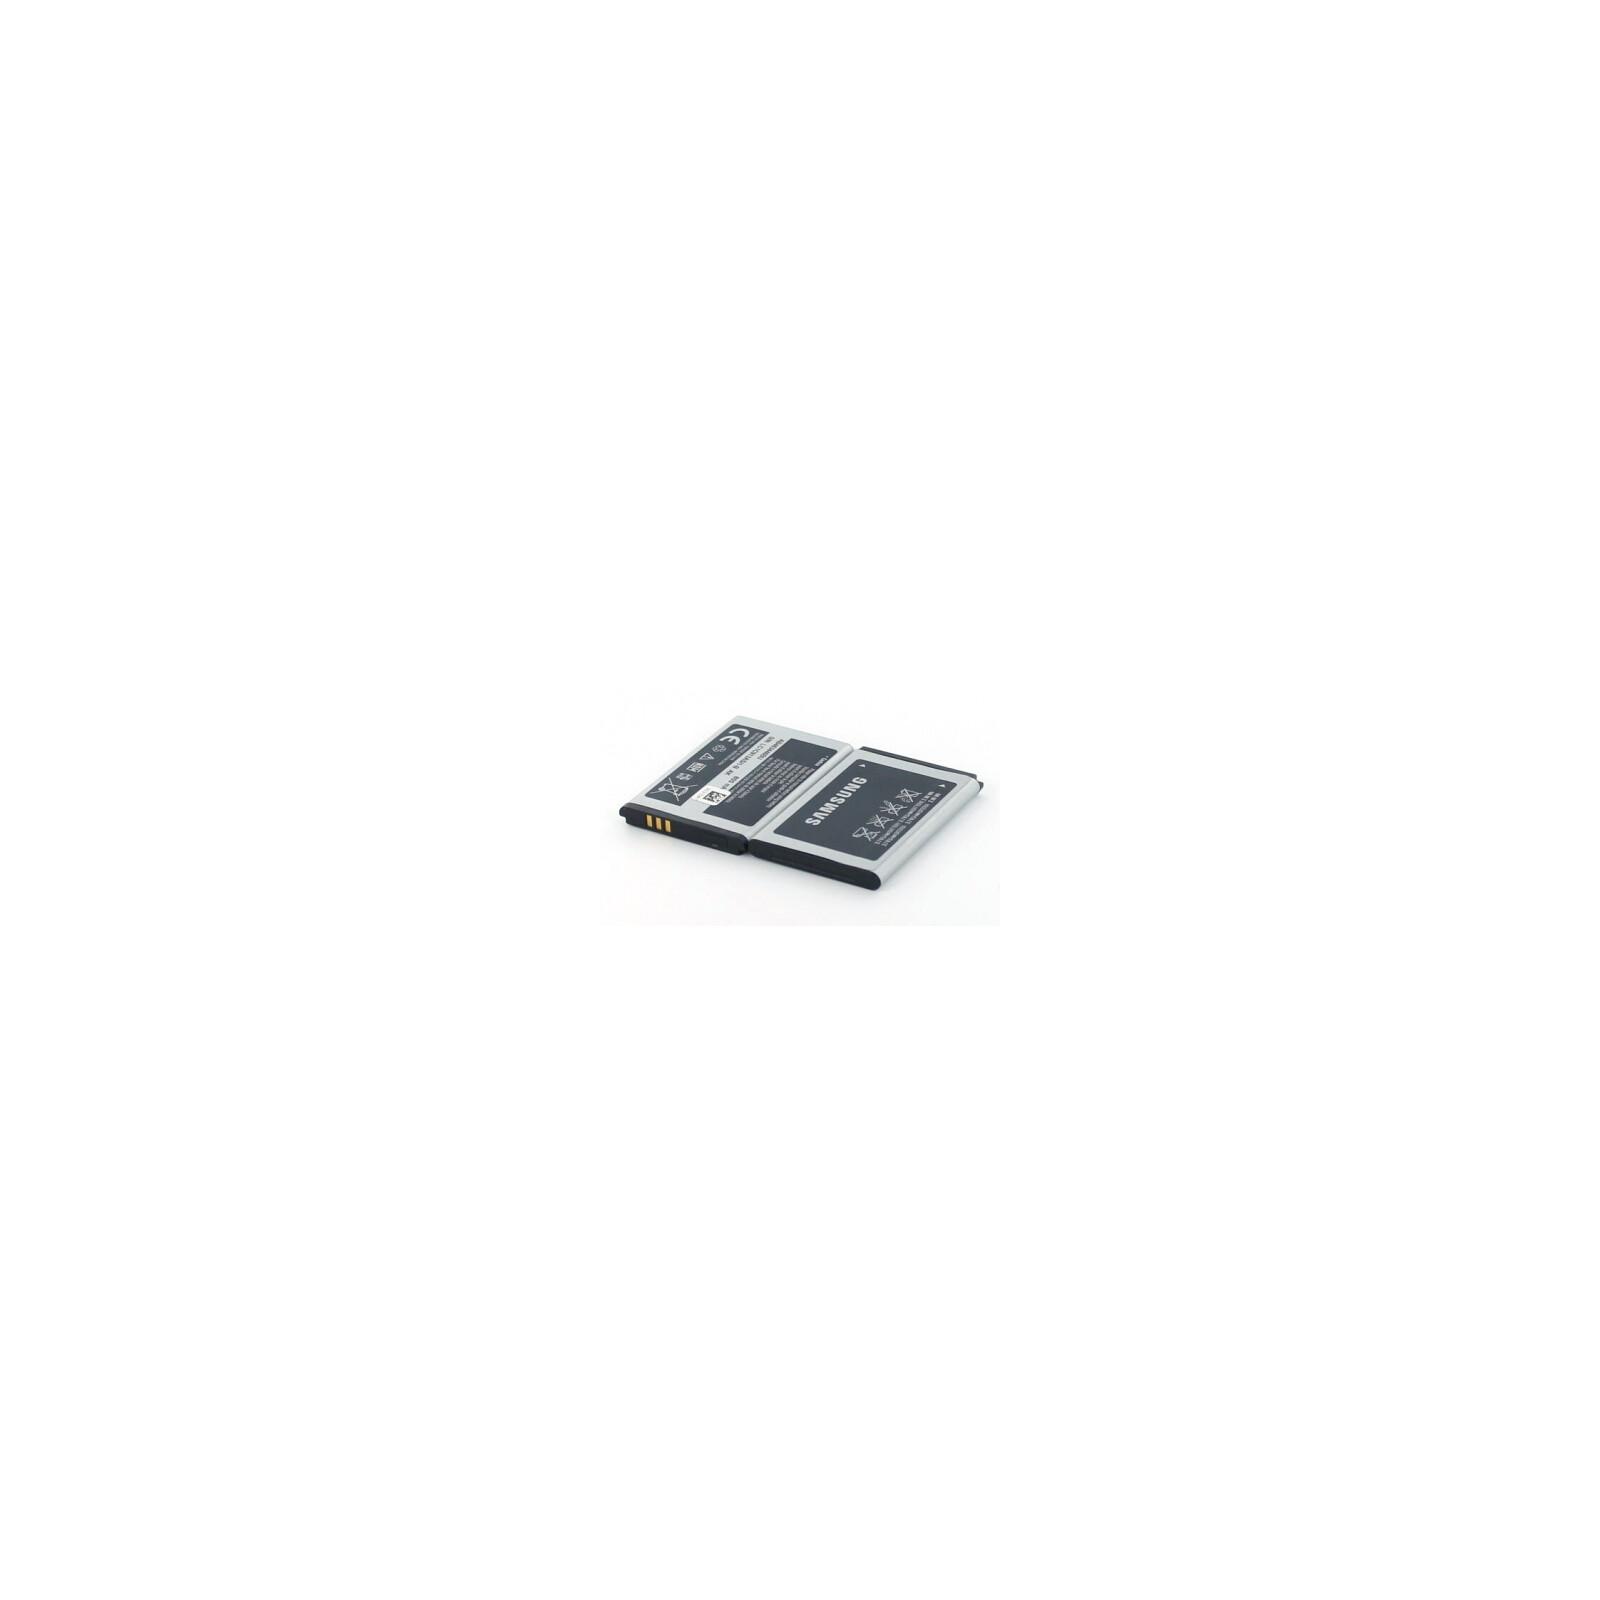 Samsung Original Akku GT-E1080 800mAh